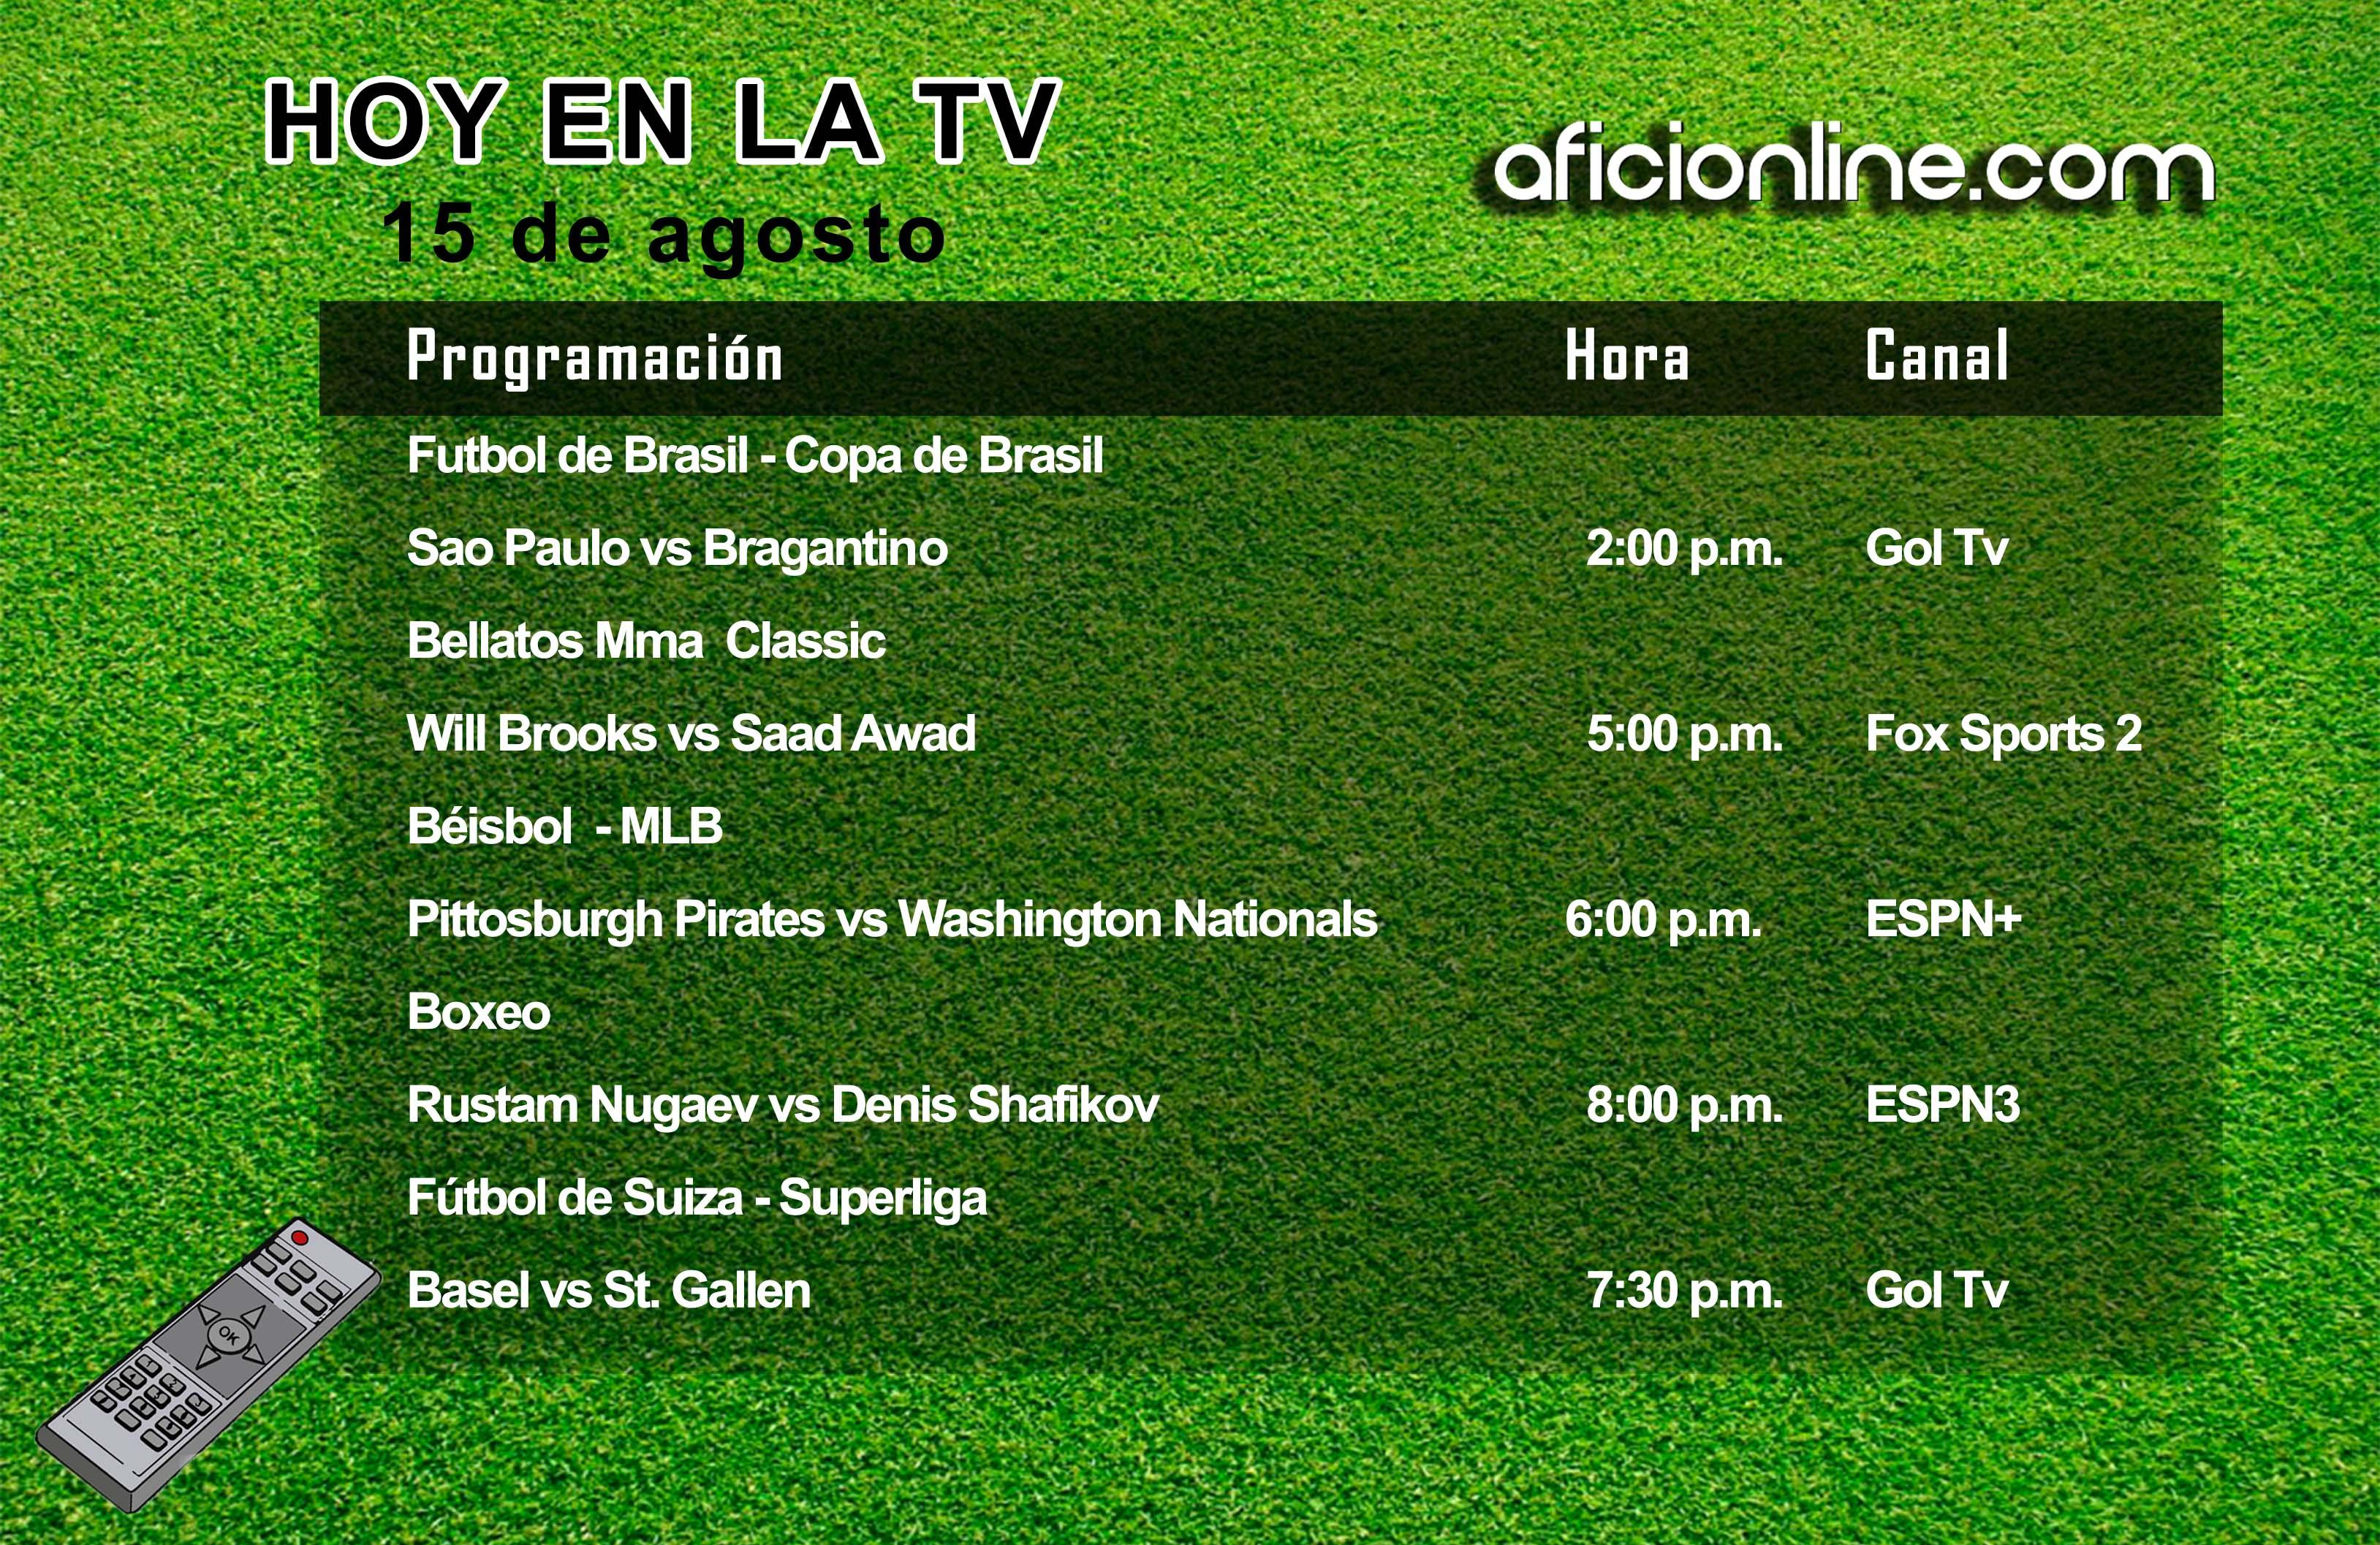 Programación televisiva del viernes 15 de agosto (Gráfica: Johnny López / Aficionline.com).